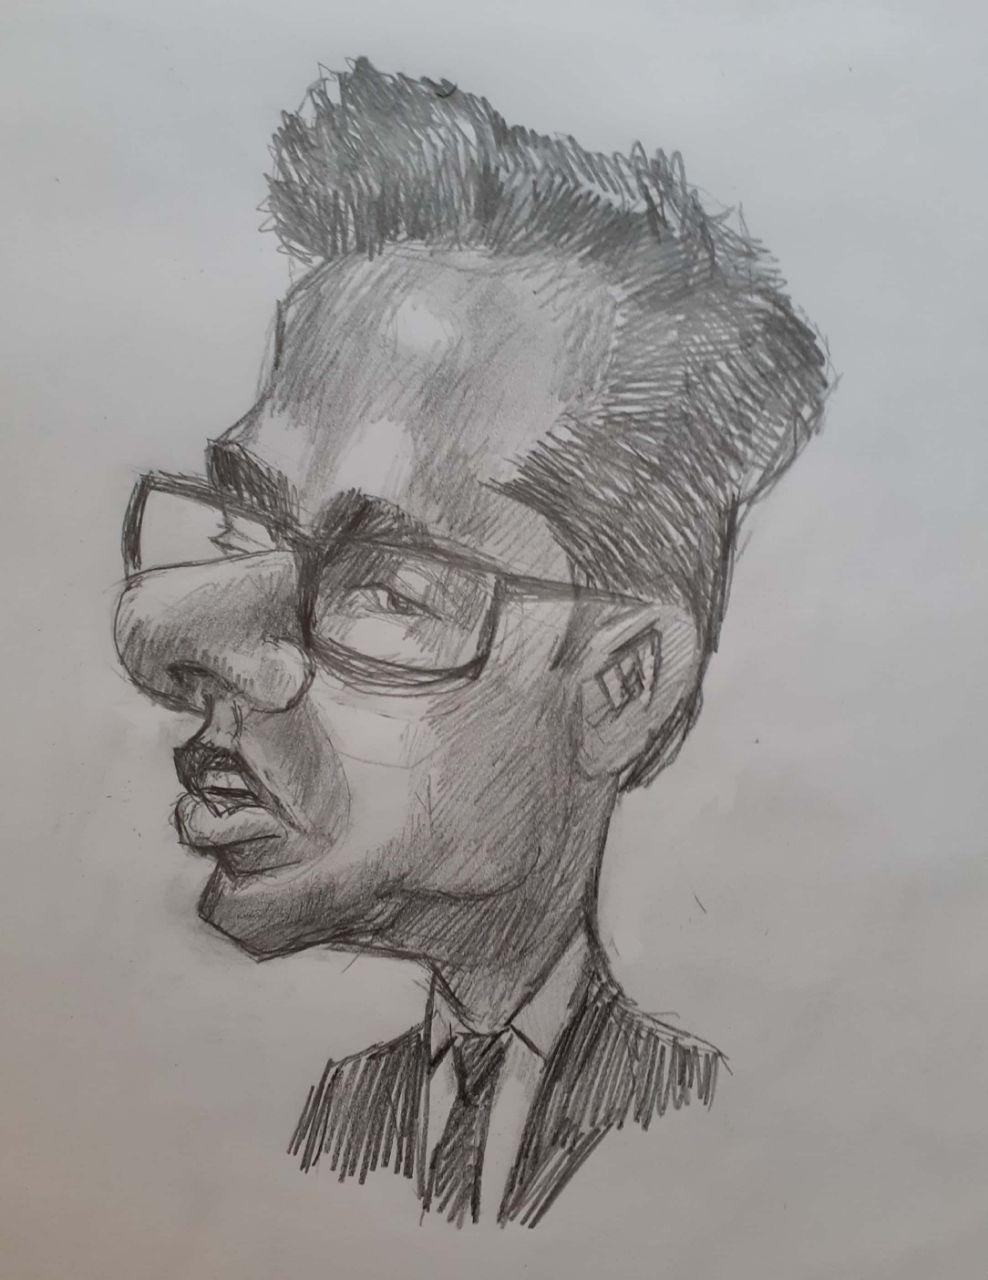 کاریکاتور مهندس محمد میرزاعلی